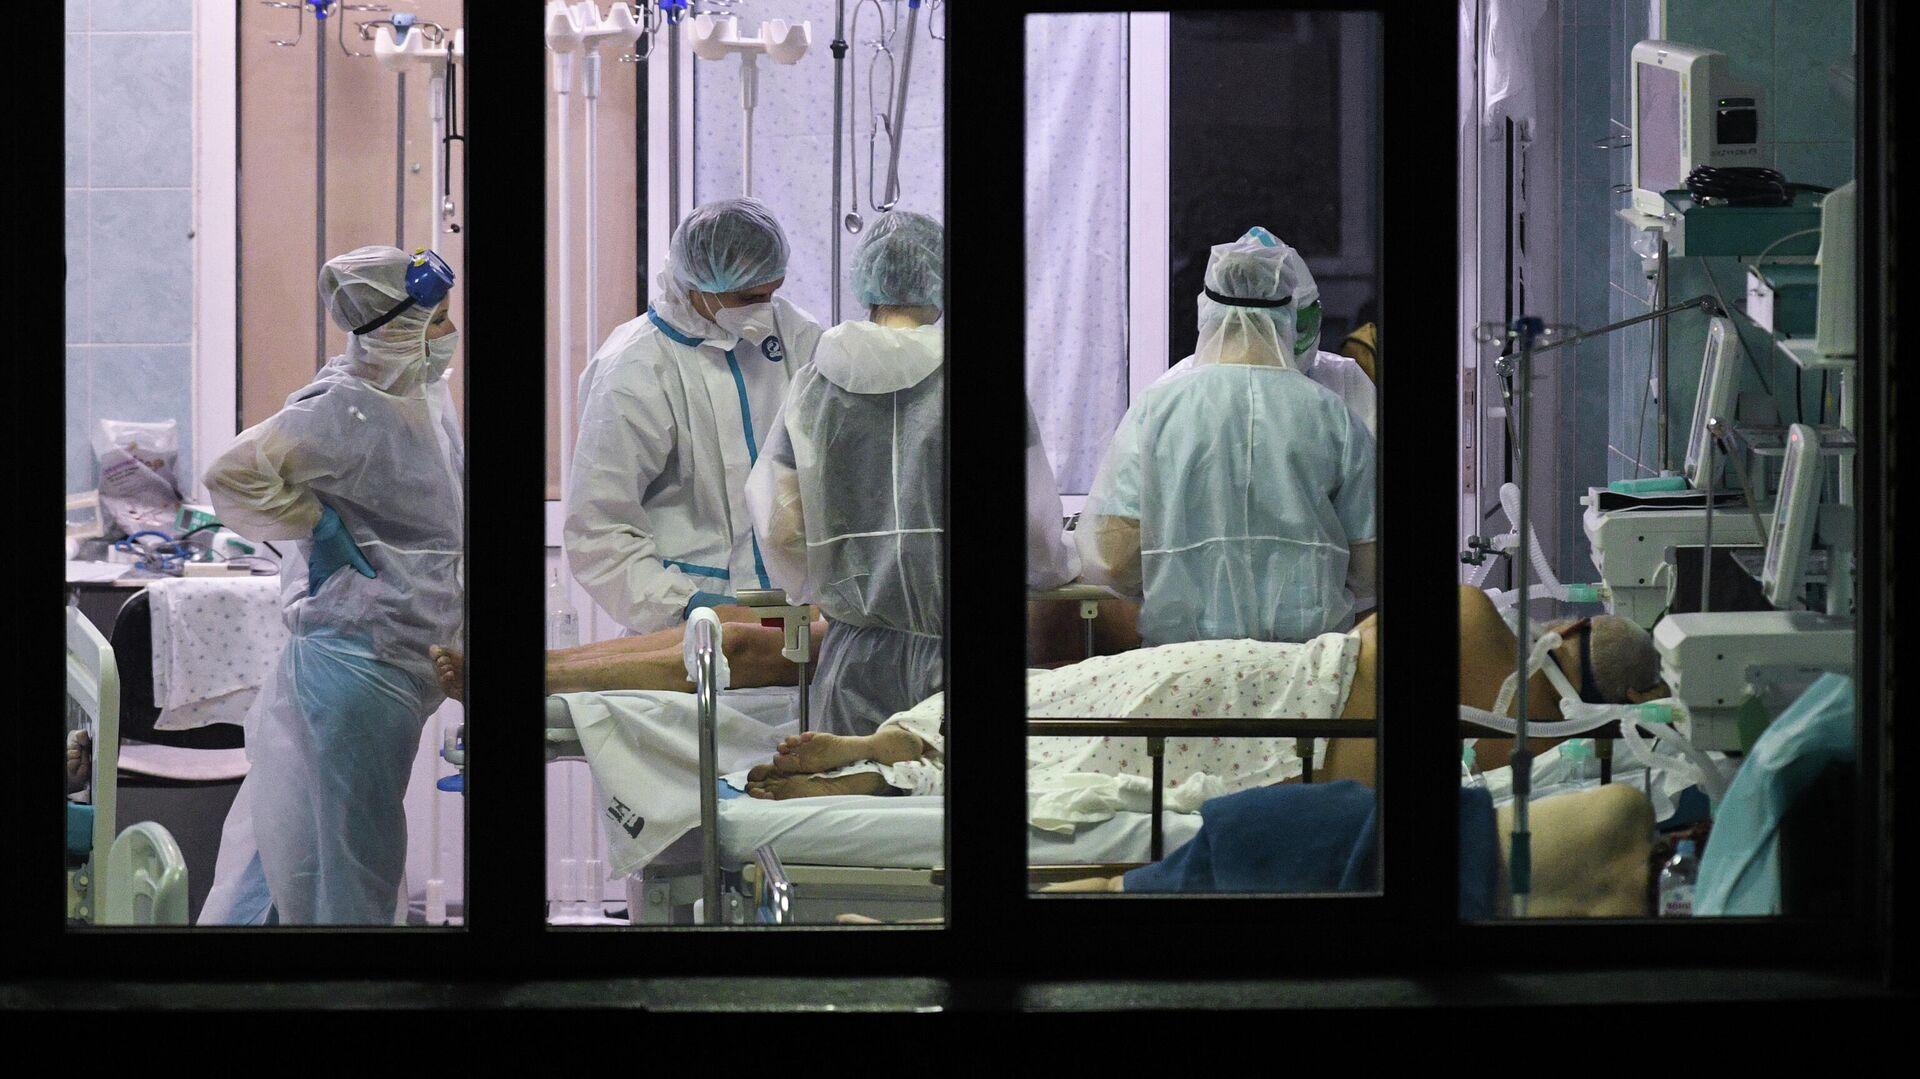 Медики и пациенты в реанимационном отделении городской клинической больницы №25 Новосибирска - РИА Новости, 1920, 10.12.2020